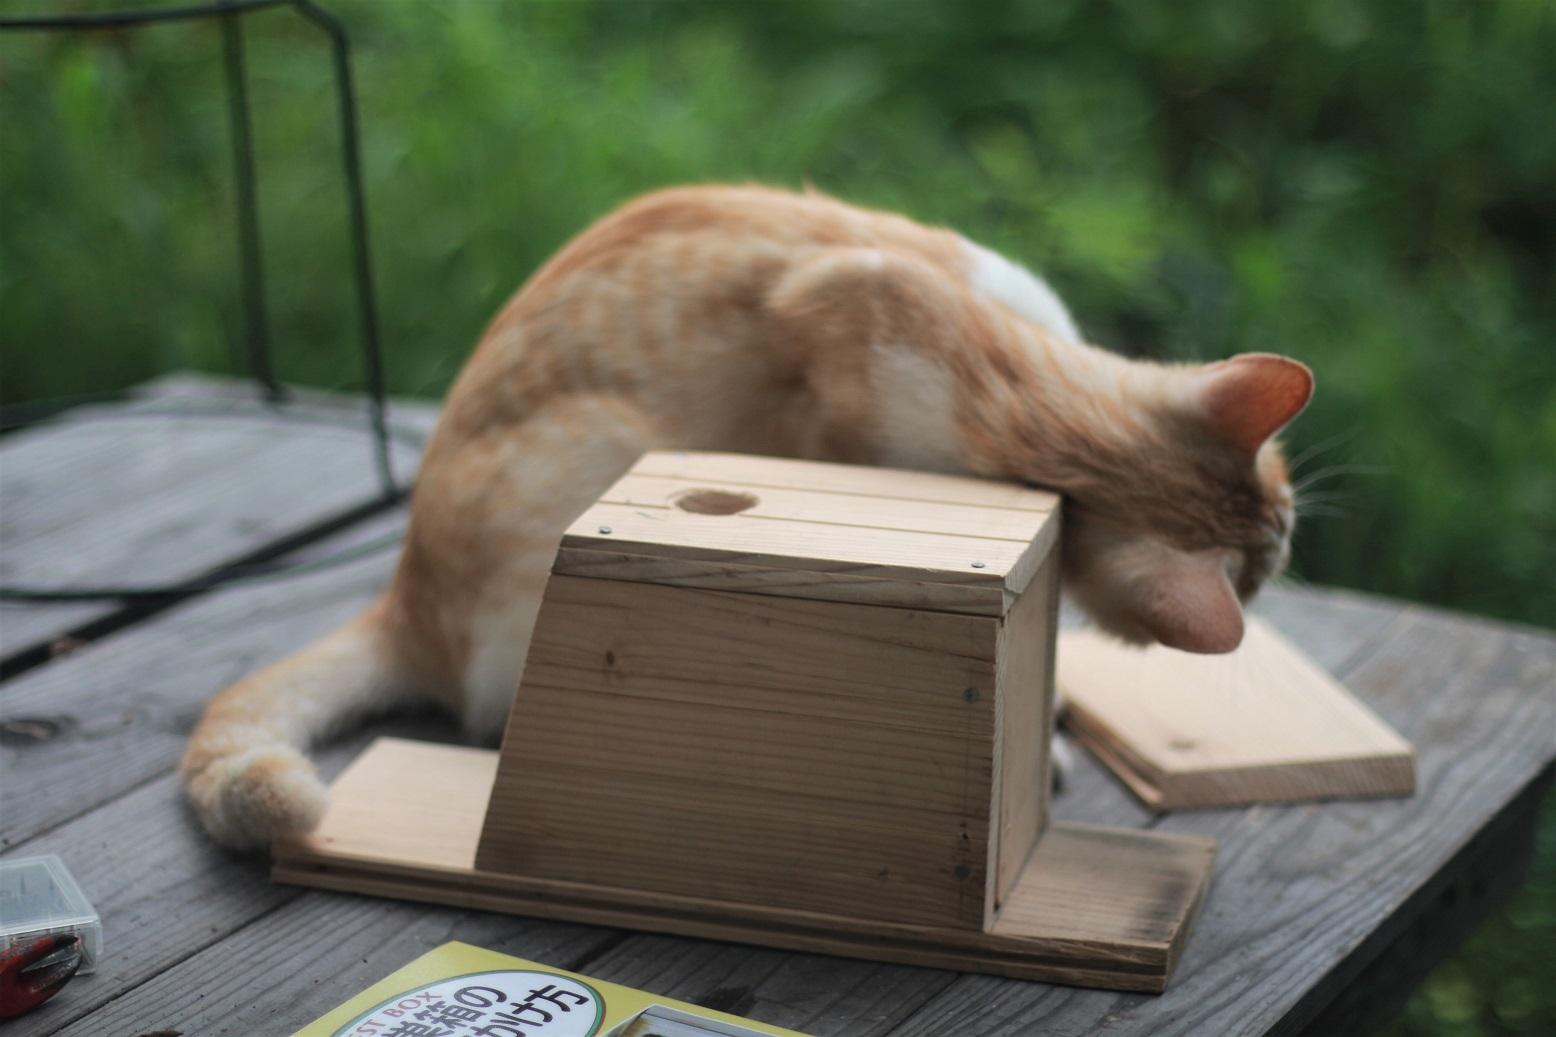 夏休みの工作 小鳥の巣箱作り_d0155147_11553651.jpg